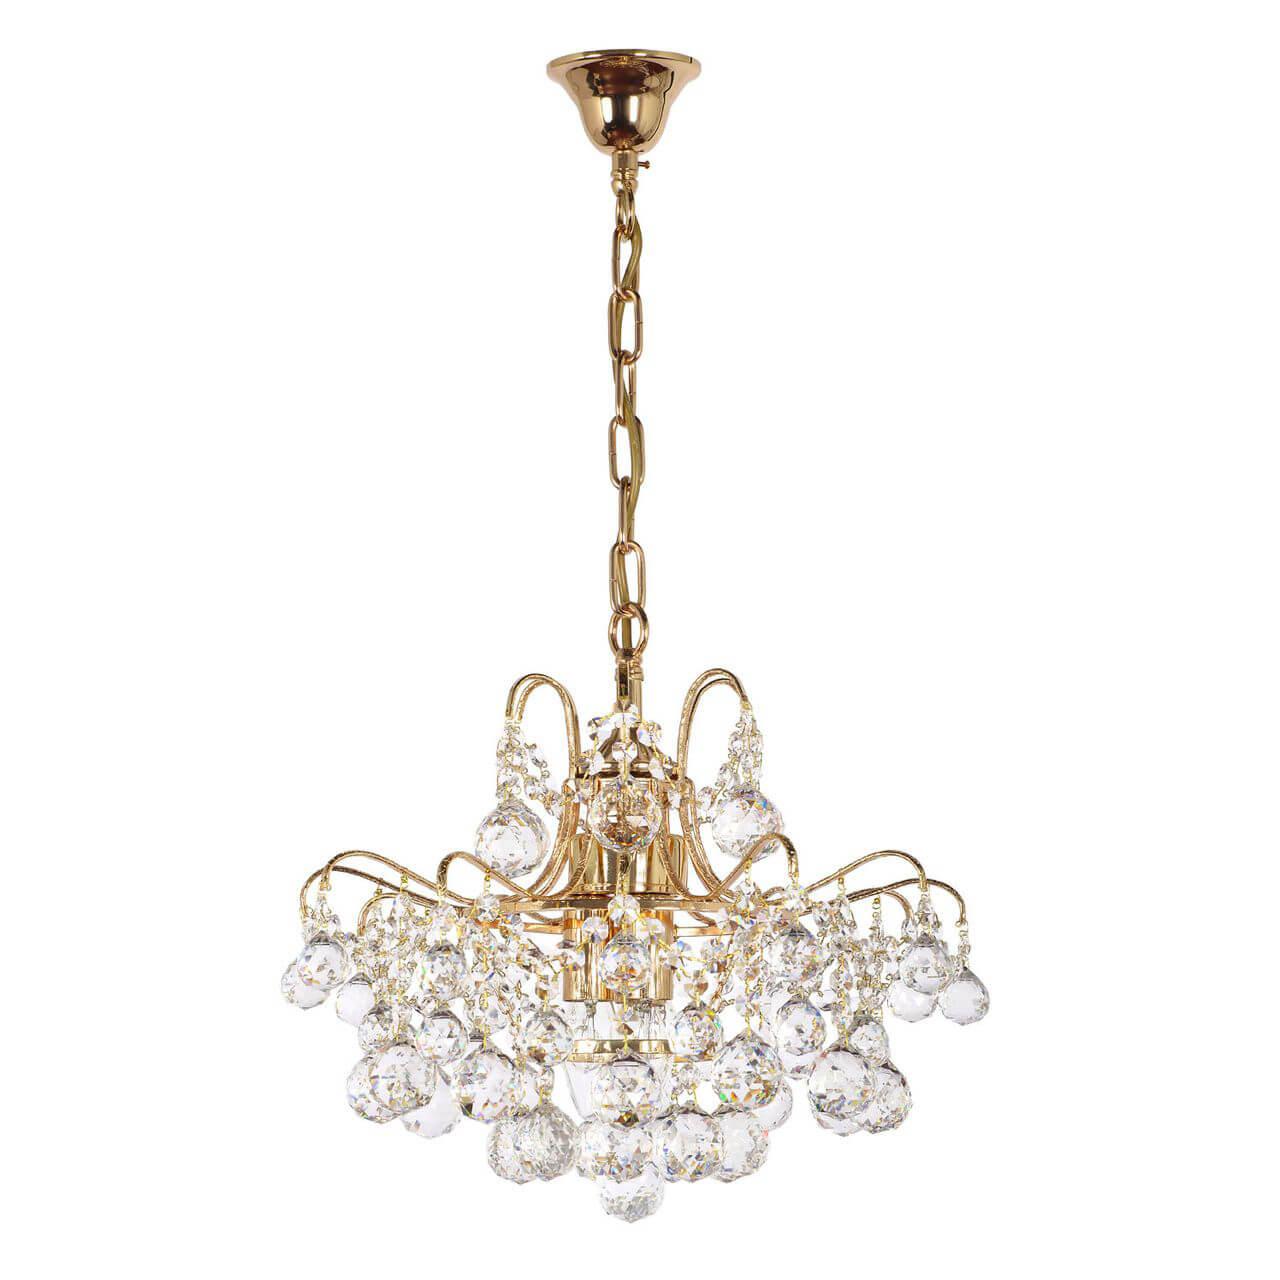 Arti Lampadari Giglio E 1.5.38.100 G